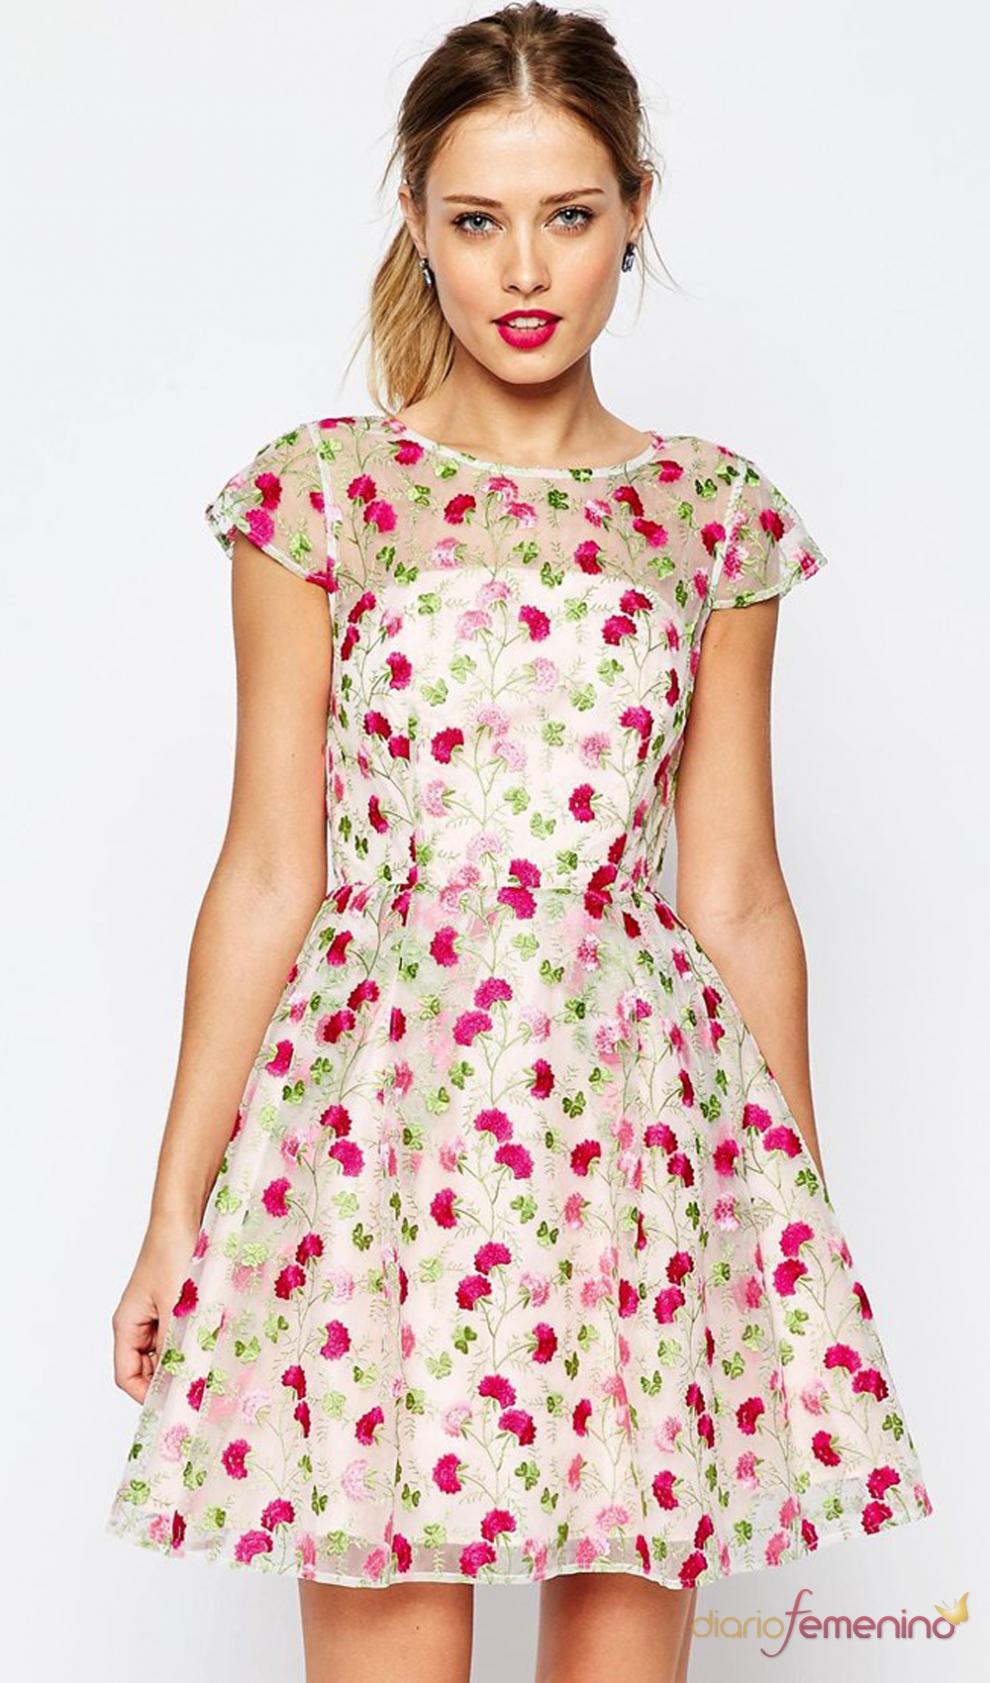 Ver fotos de vestidos cortos para fiesta